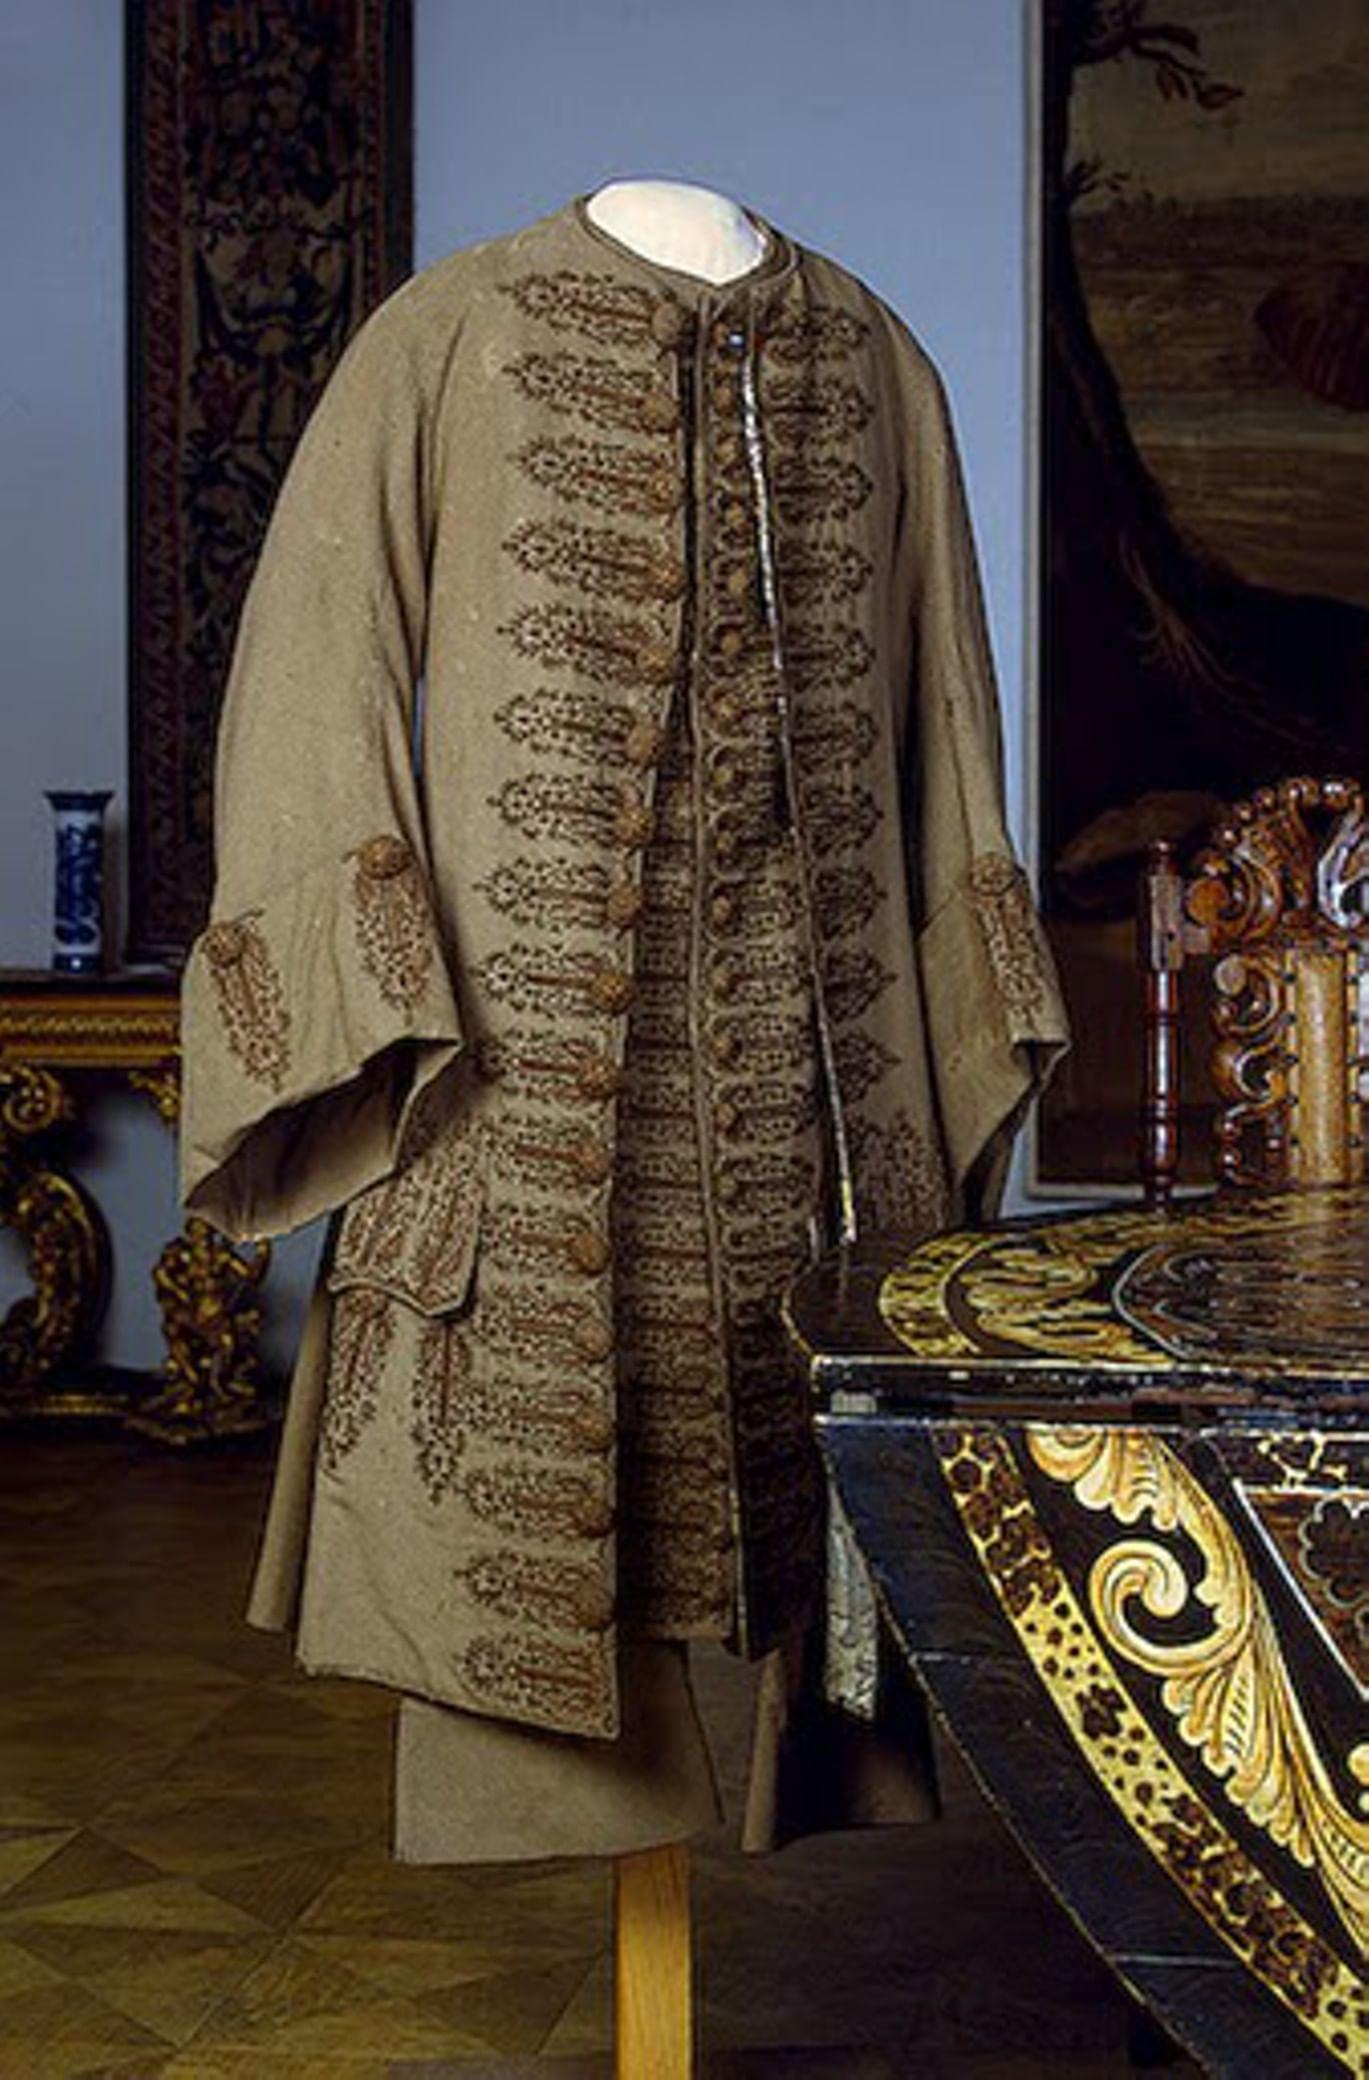 c1dc4d606a12f9f Мужская мода: XVIII-XX веков. Кафтаны, кюлоты, сюртуки, фраки, пиджаки.